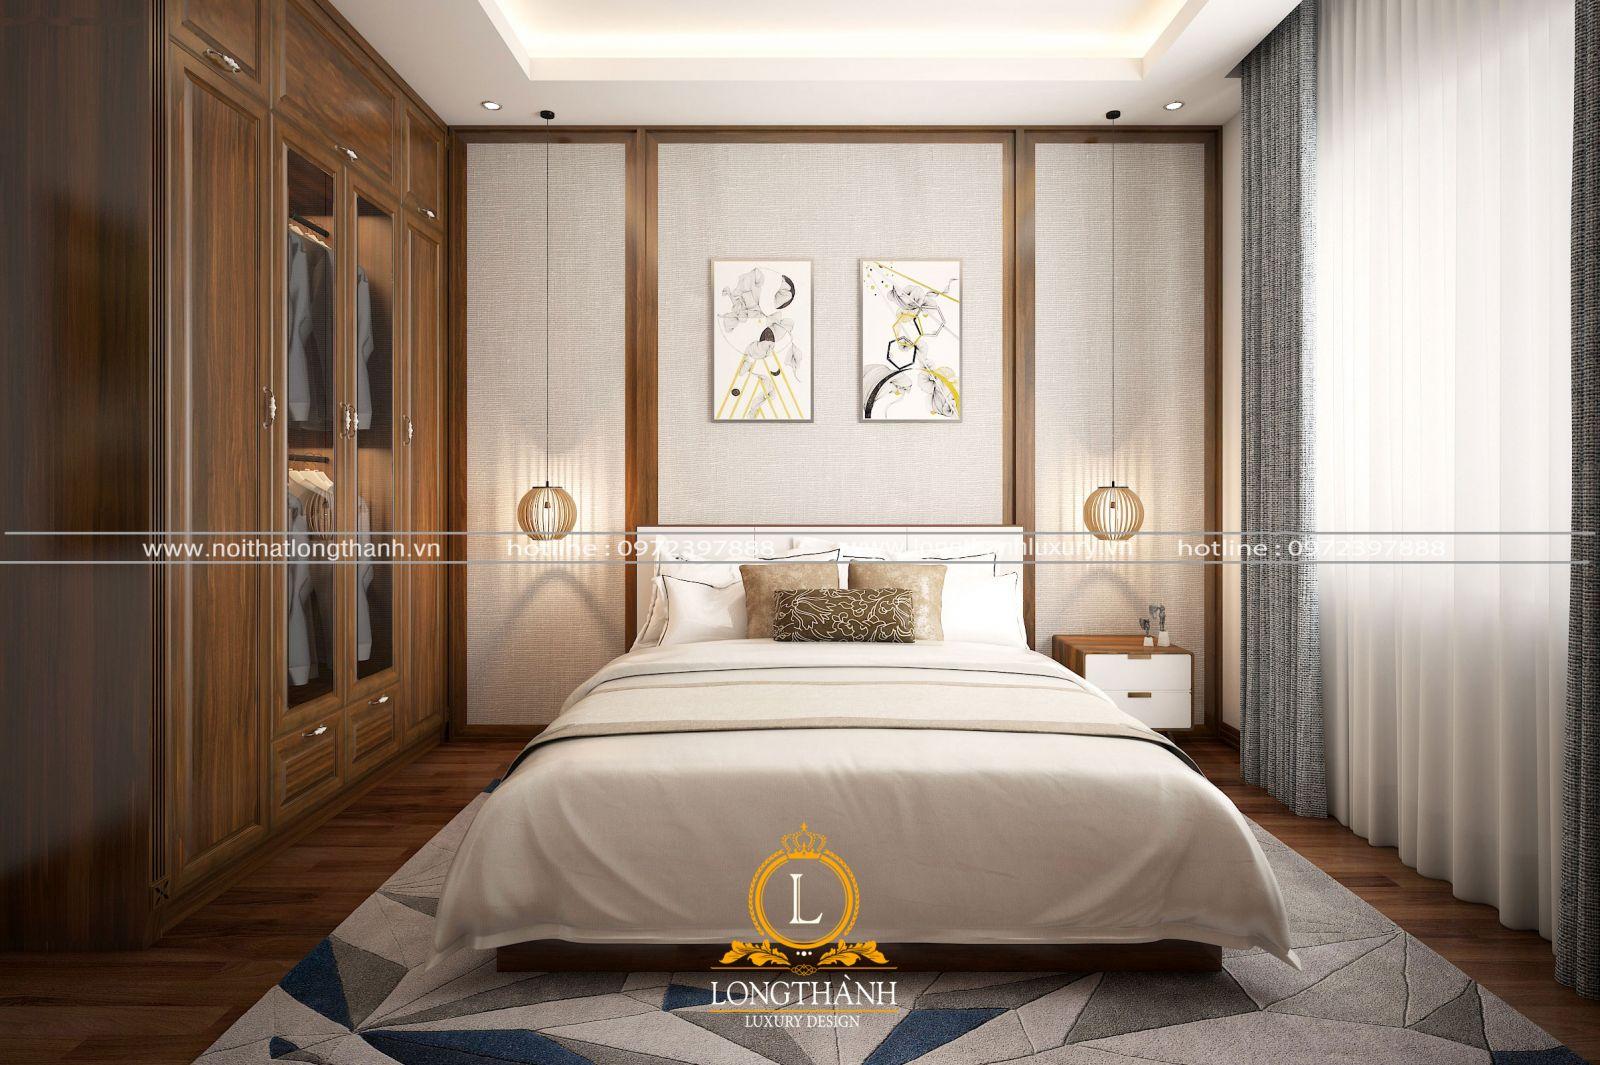 Mẫu thiết kế phòng ngủ hiện đại, cá tính dành cho các bé